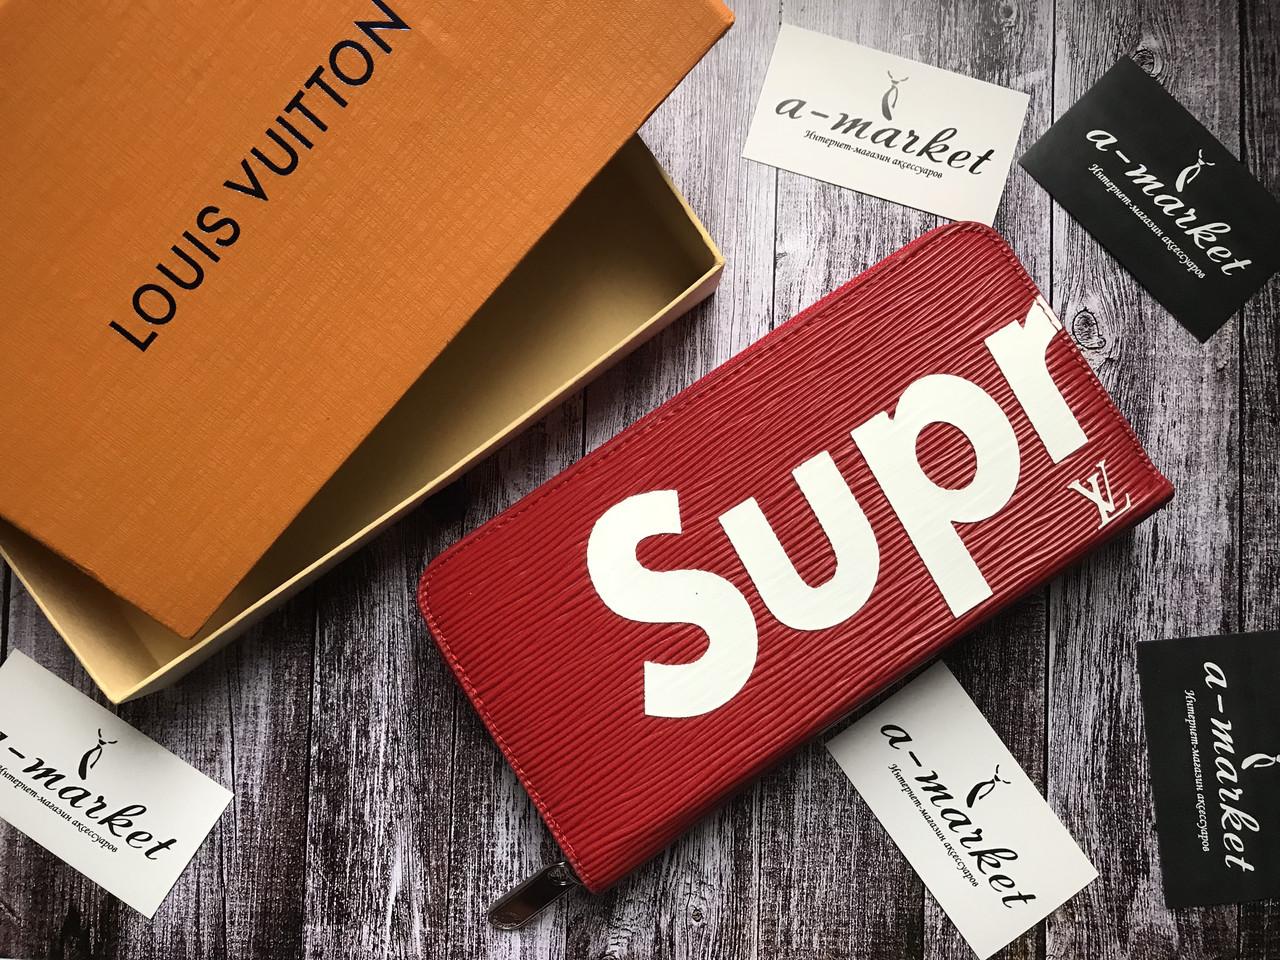 2c9df998b862 Кошелек клатч портмоне бумажник мужской женский красный Louis Vuitton  Supreme премиум реплика - AMARKET - Интернет